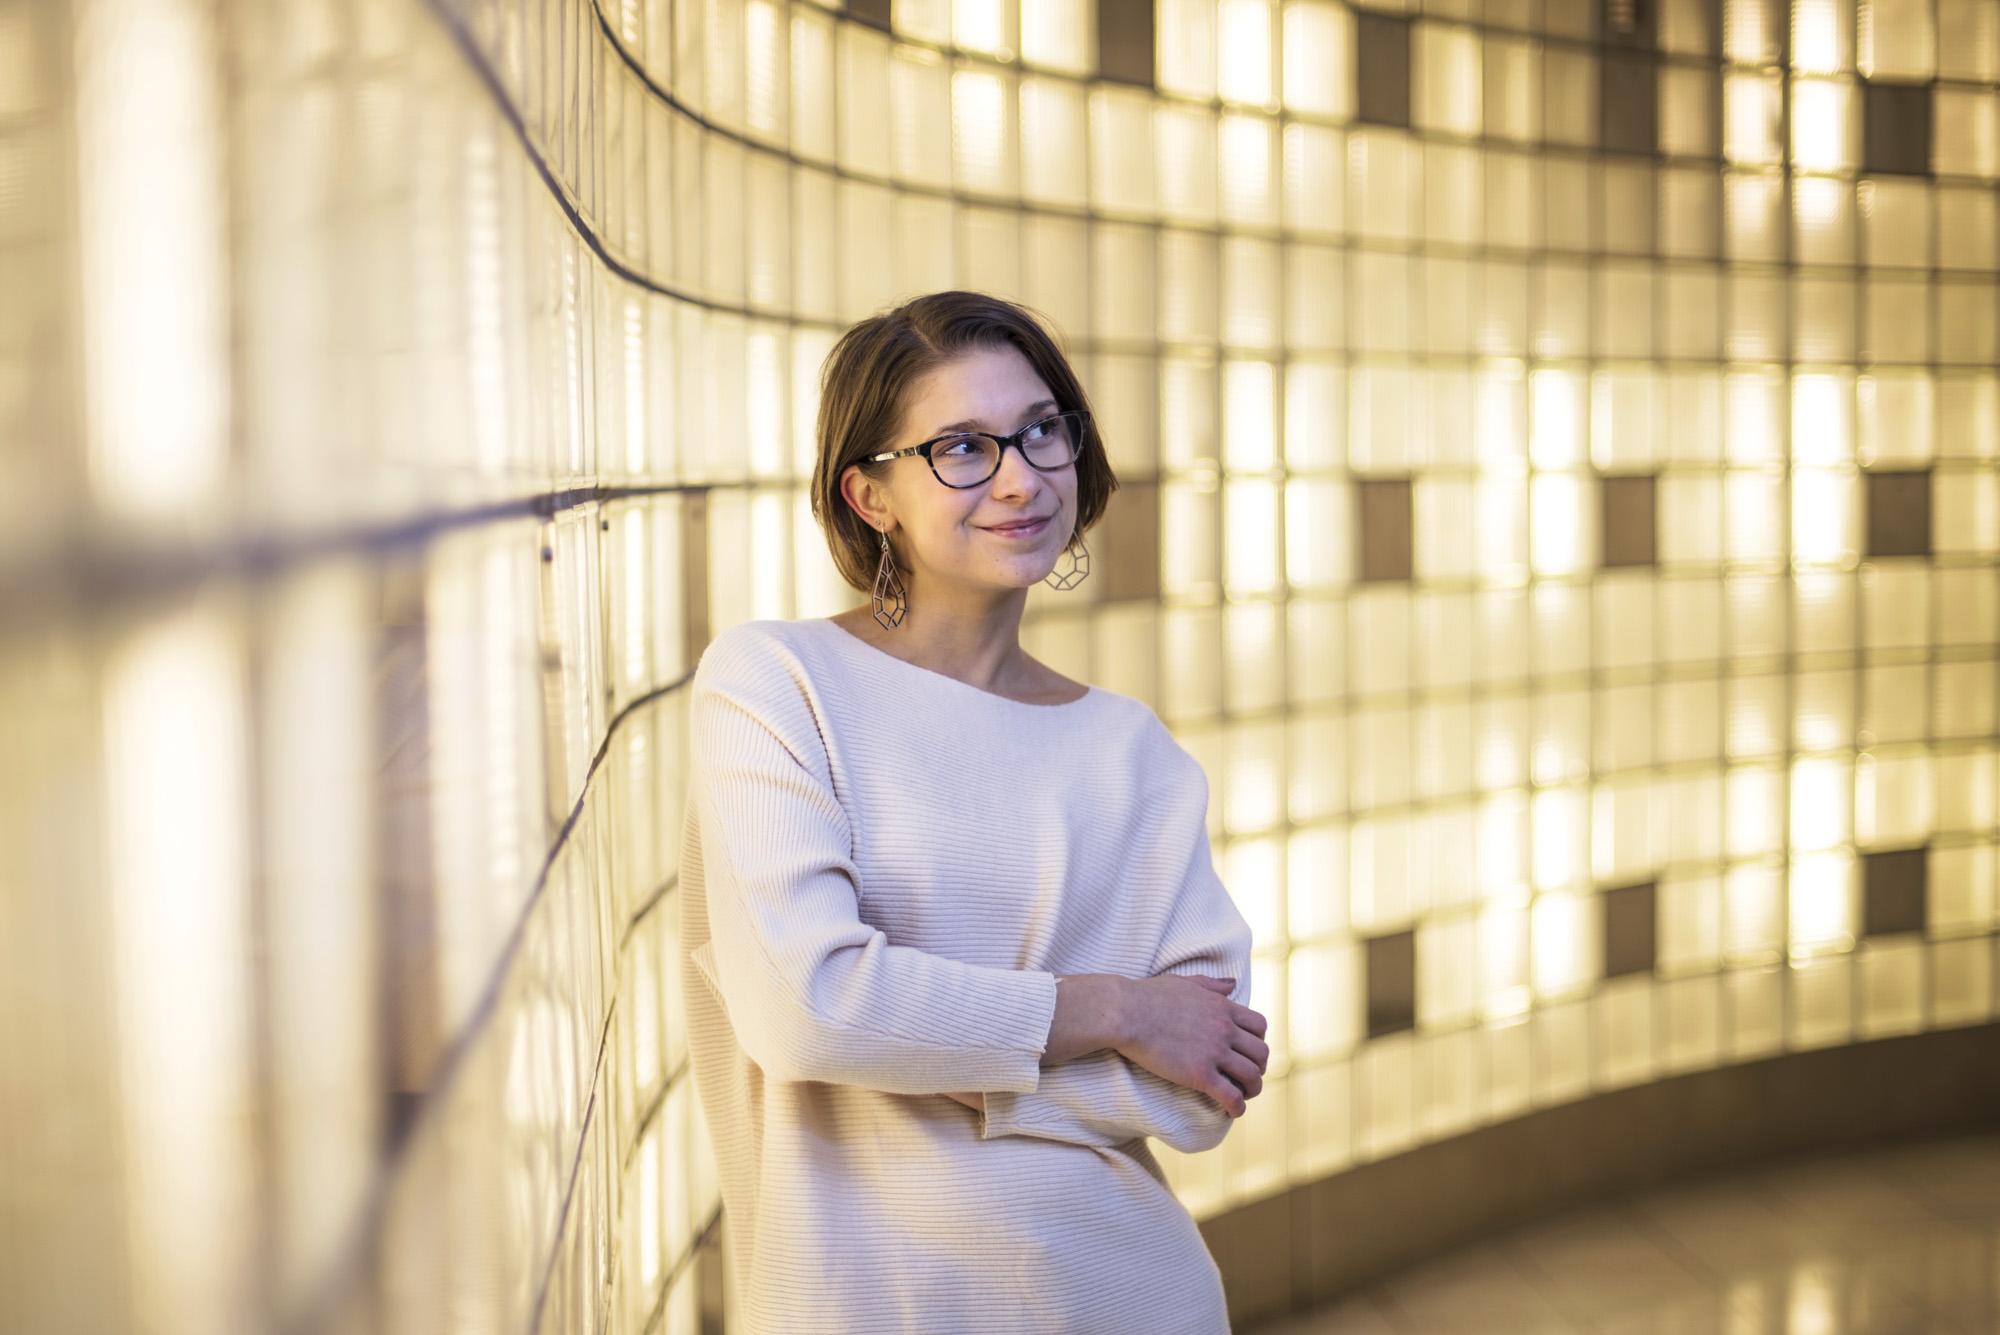 Laura Kankaanpää